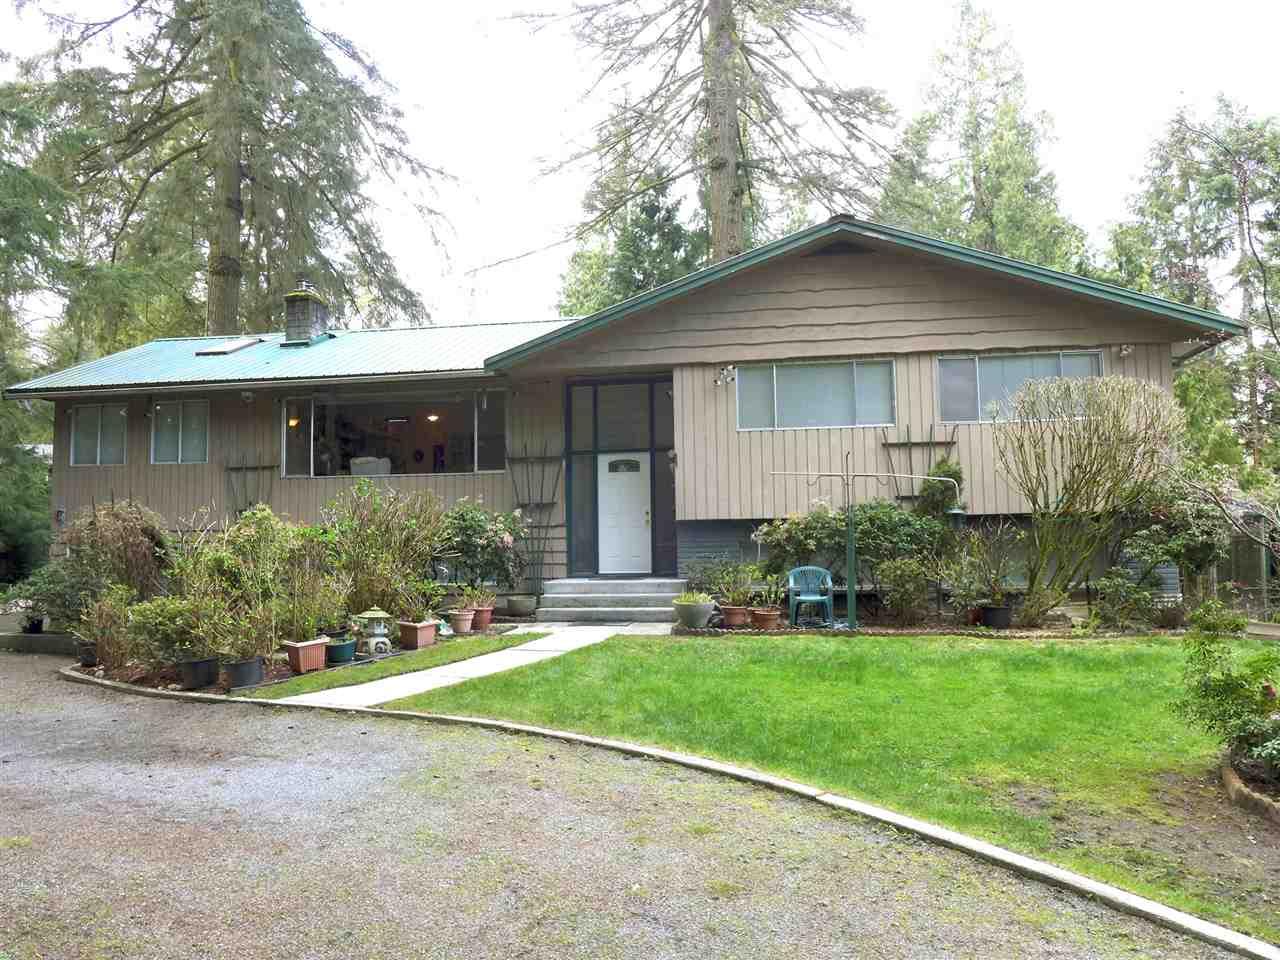 13817 56A AVENUE, Surrey, BC, V3X 2X5 Primary Photo